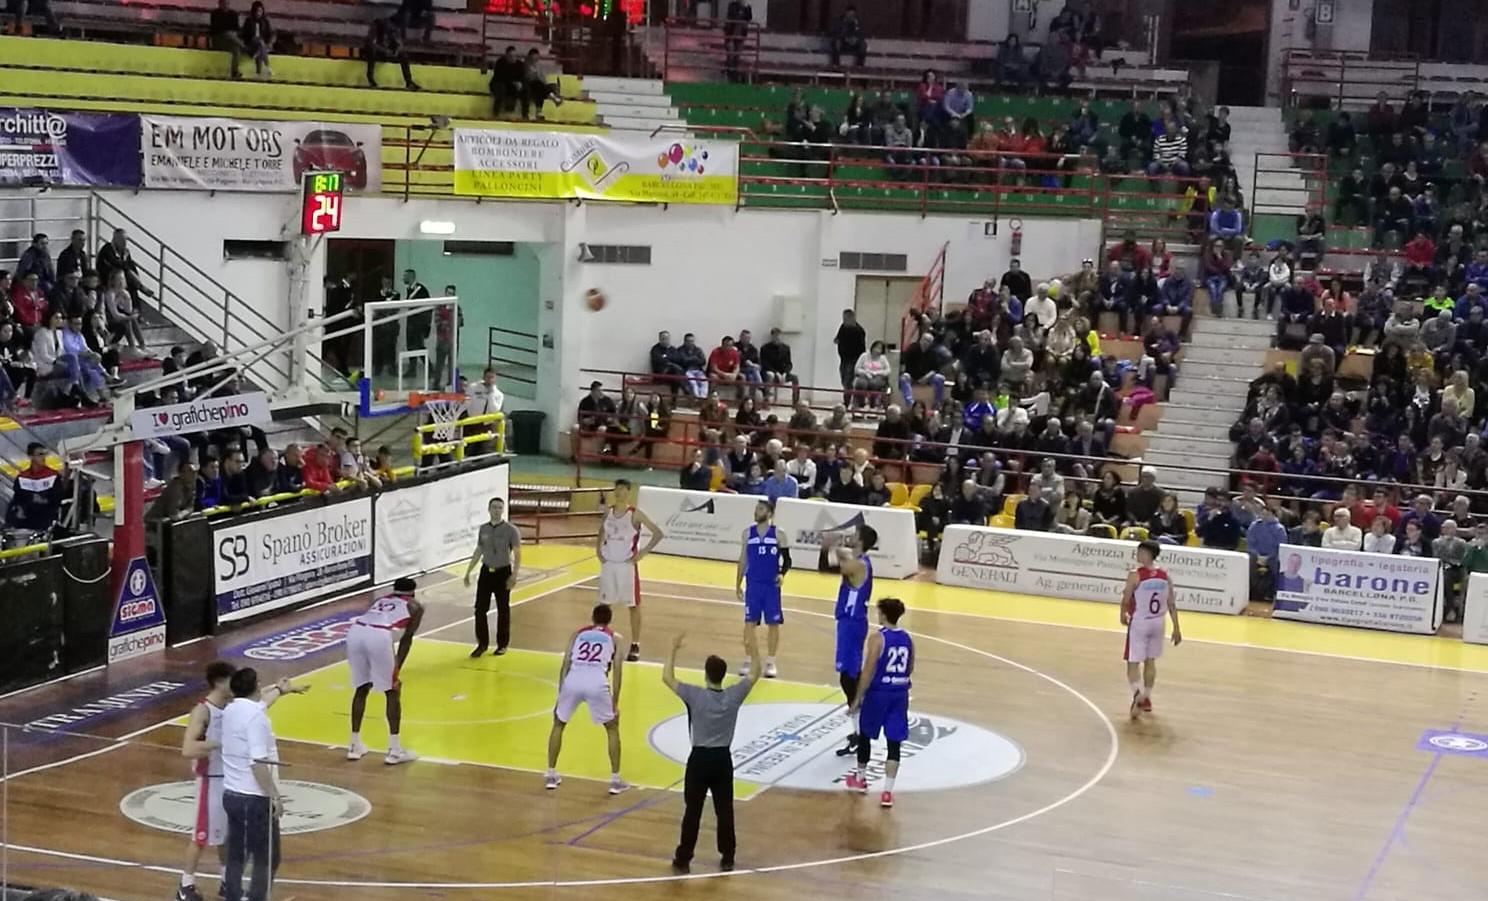 Basket, serie C silver: sfuma il sogno play off per la Virtus Ragusa battuta dal Barcellona